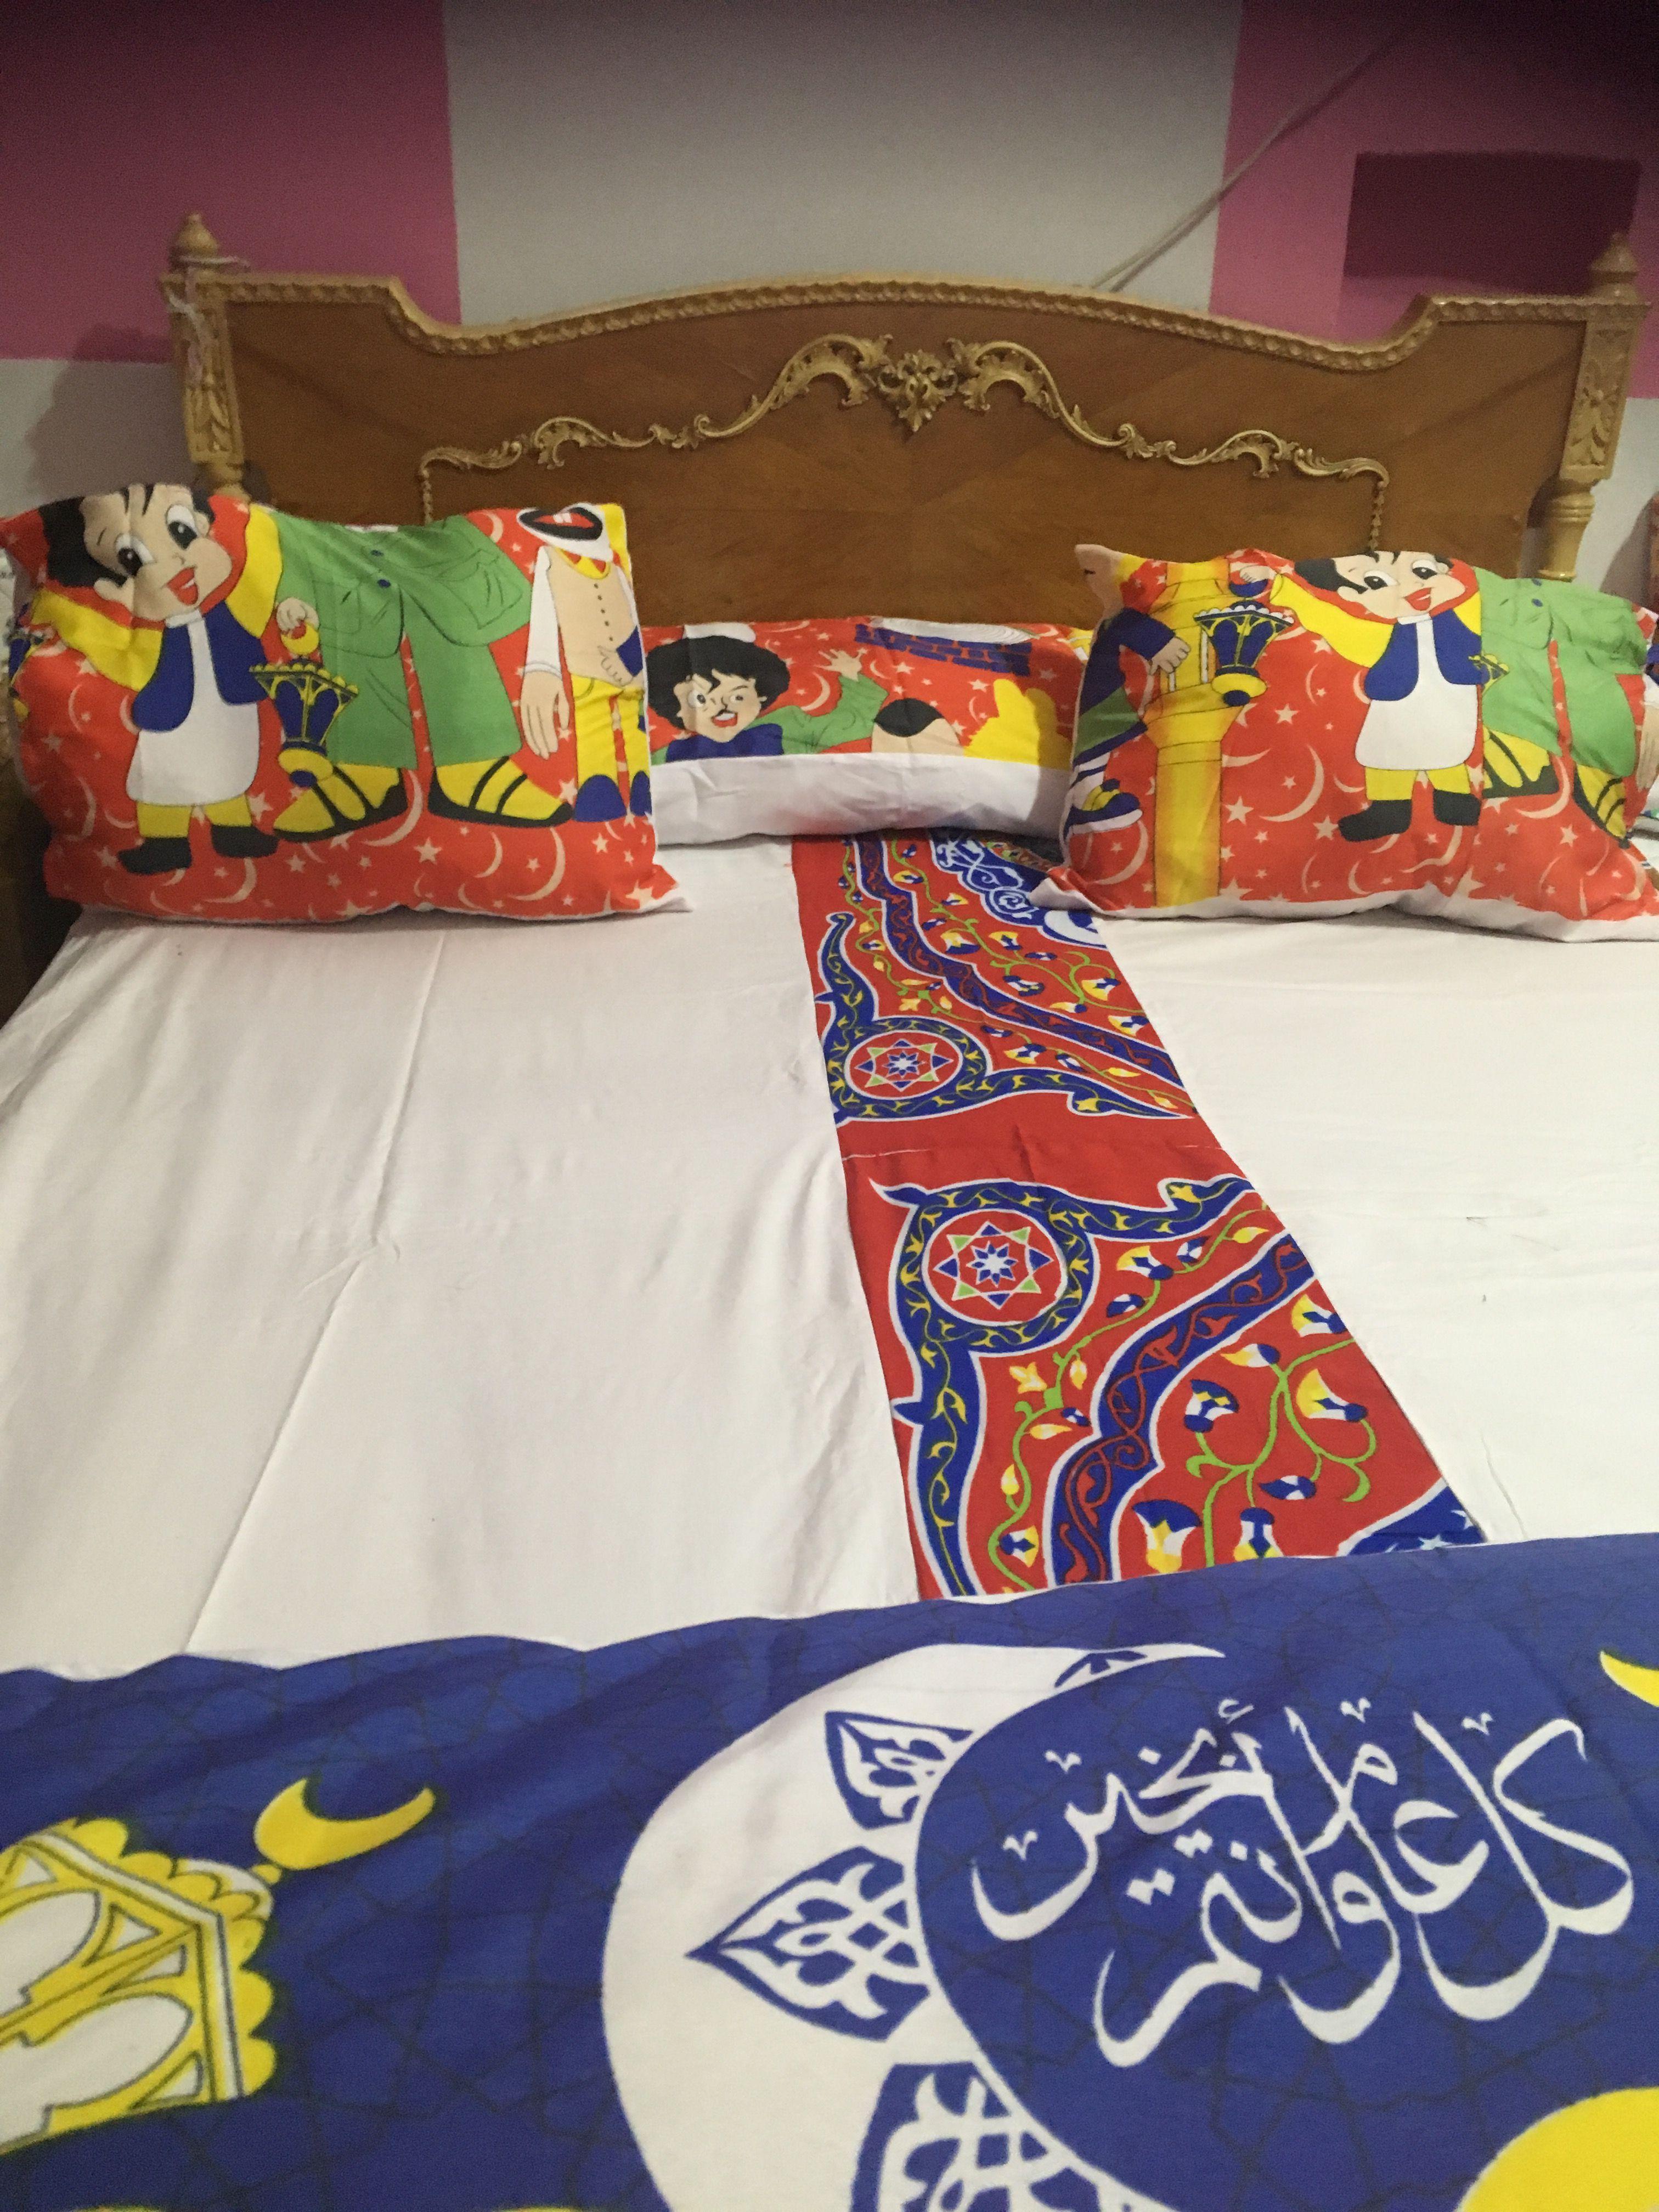 طقم سرير من روايح رمضان من القماش وقماش الخيامية أتمني يعجبكم Ramadan